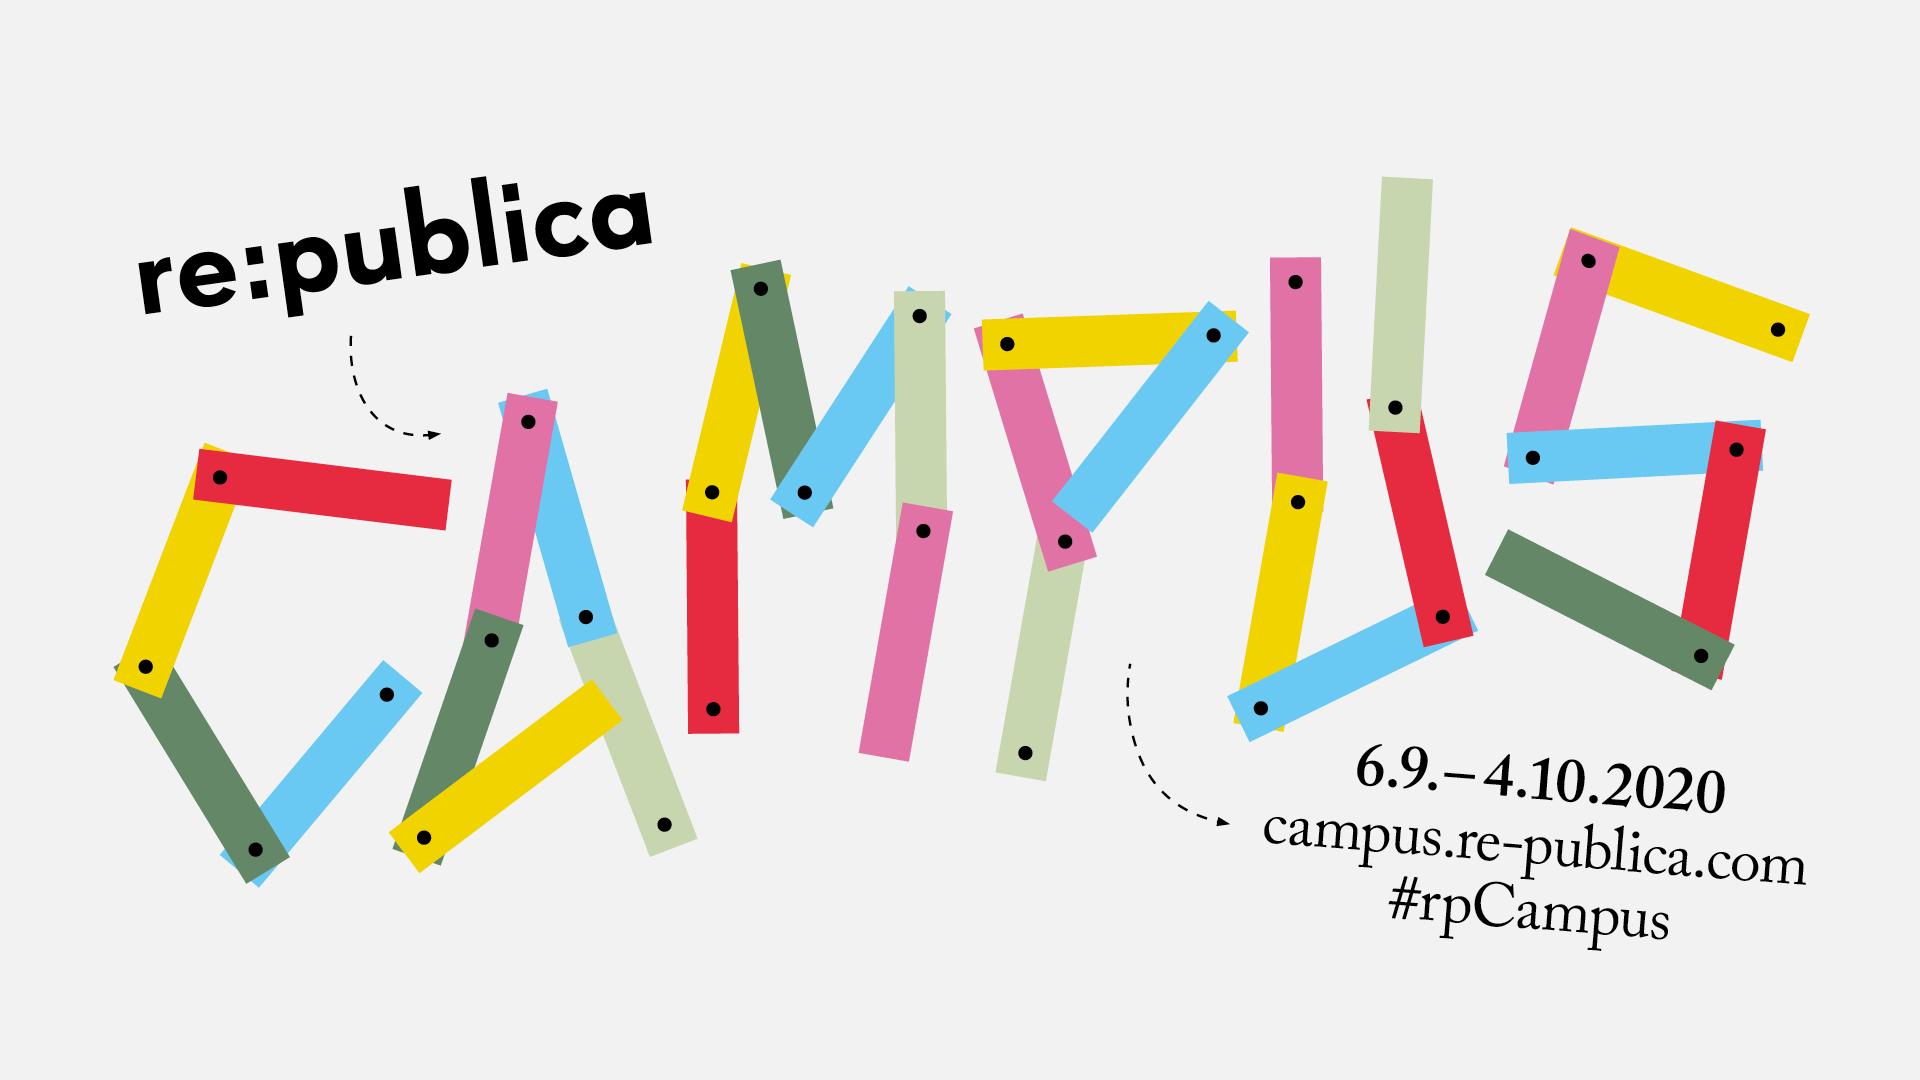 re:publica Campus 2020